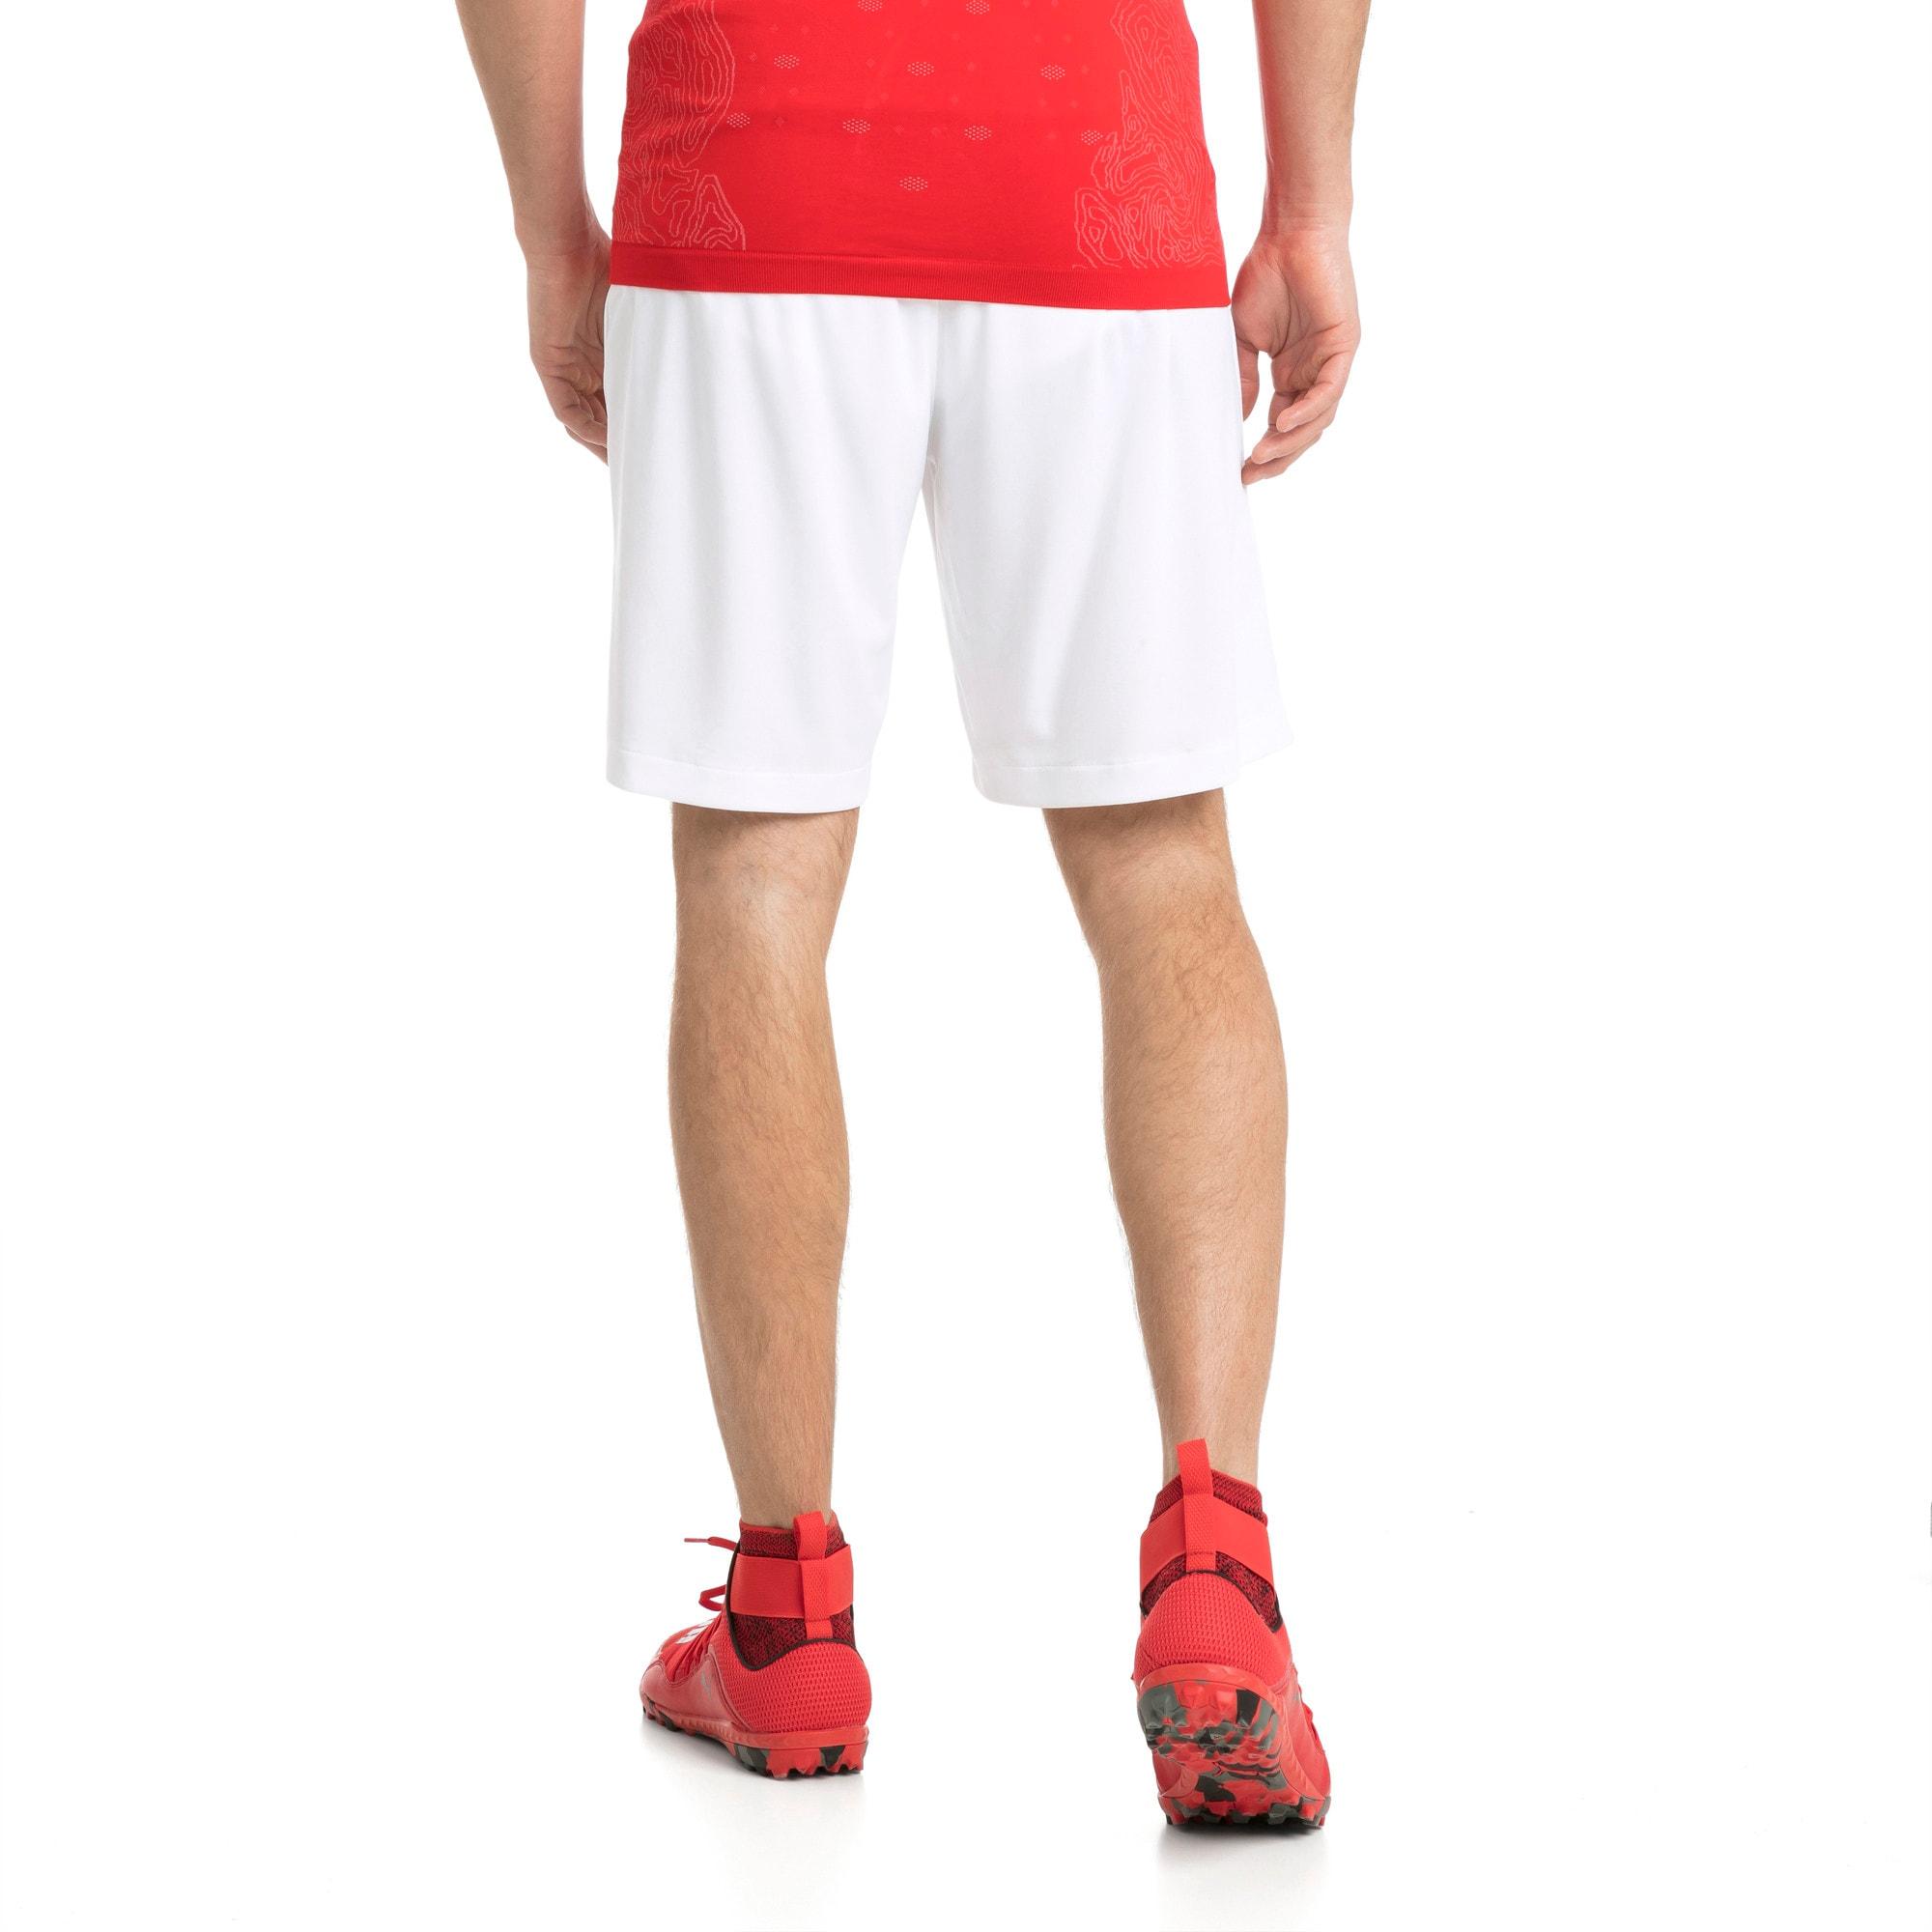 Thumbnail 2 of Switzerland Replica Shorts, Puma White, medium